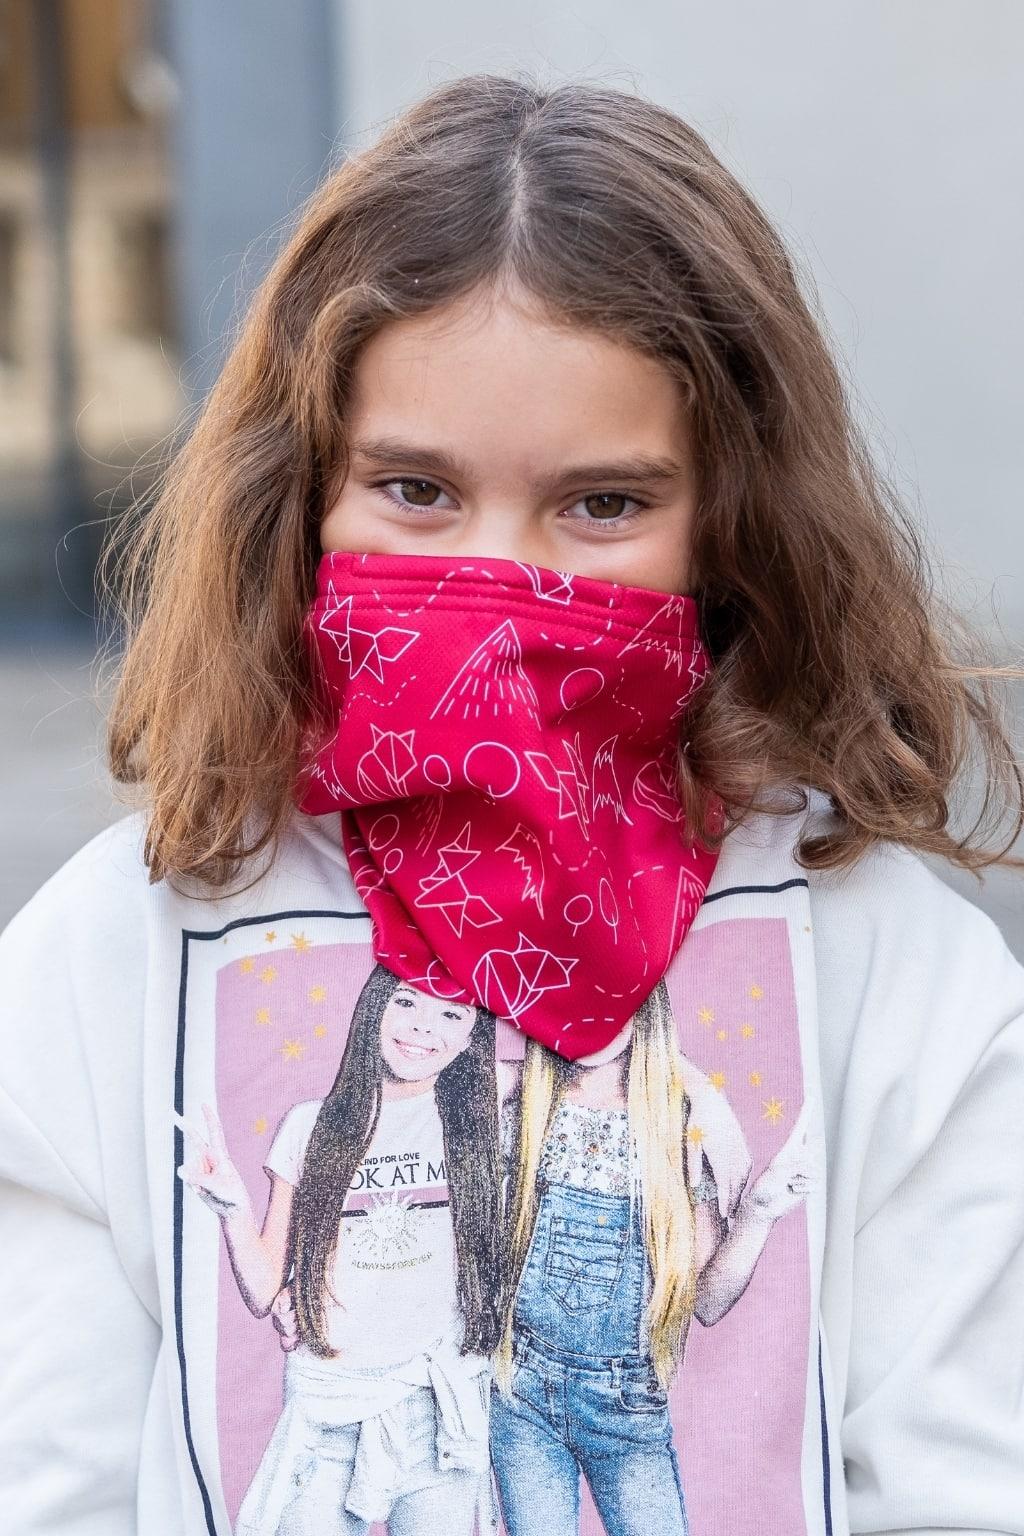 Dětský antivirový šátek nanoSPACE - lišky Barva: Růžová vyměnitelný nosní klip